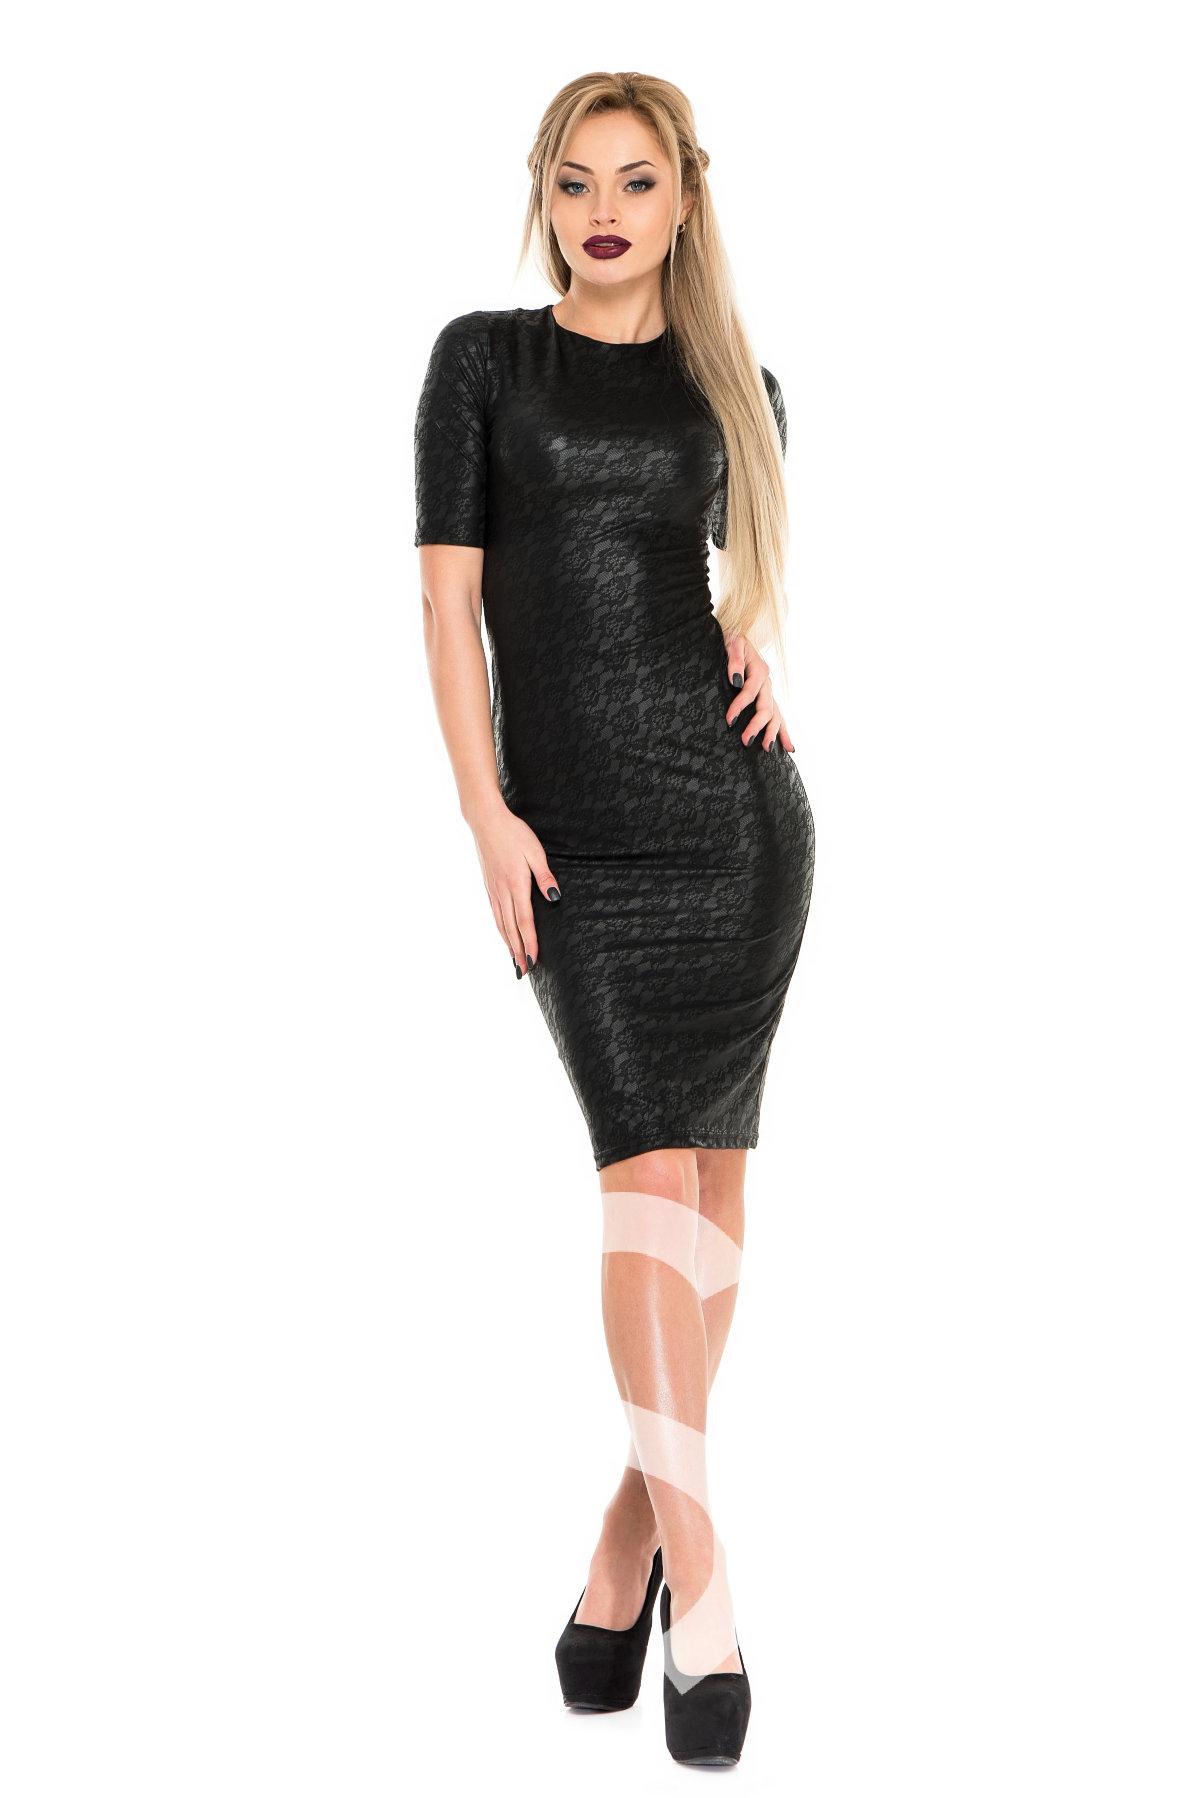 Красивое сексуальное платье на 8 марта